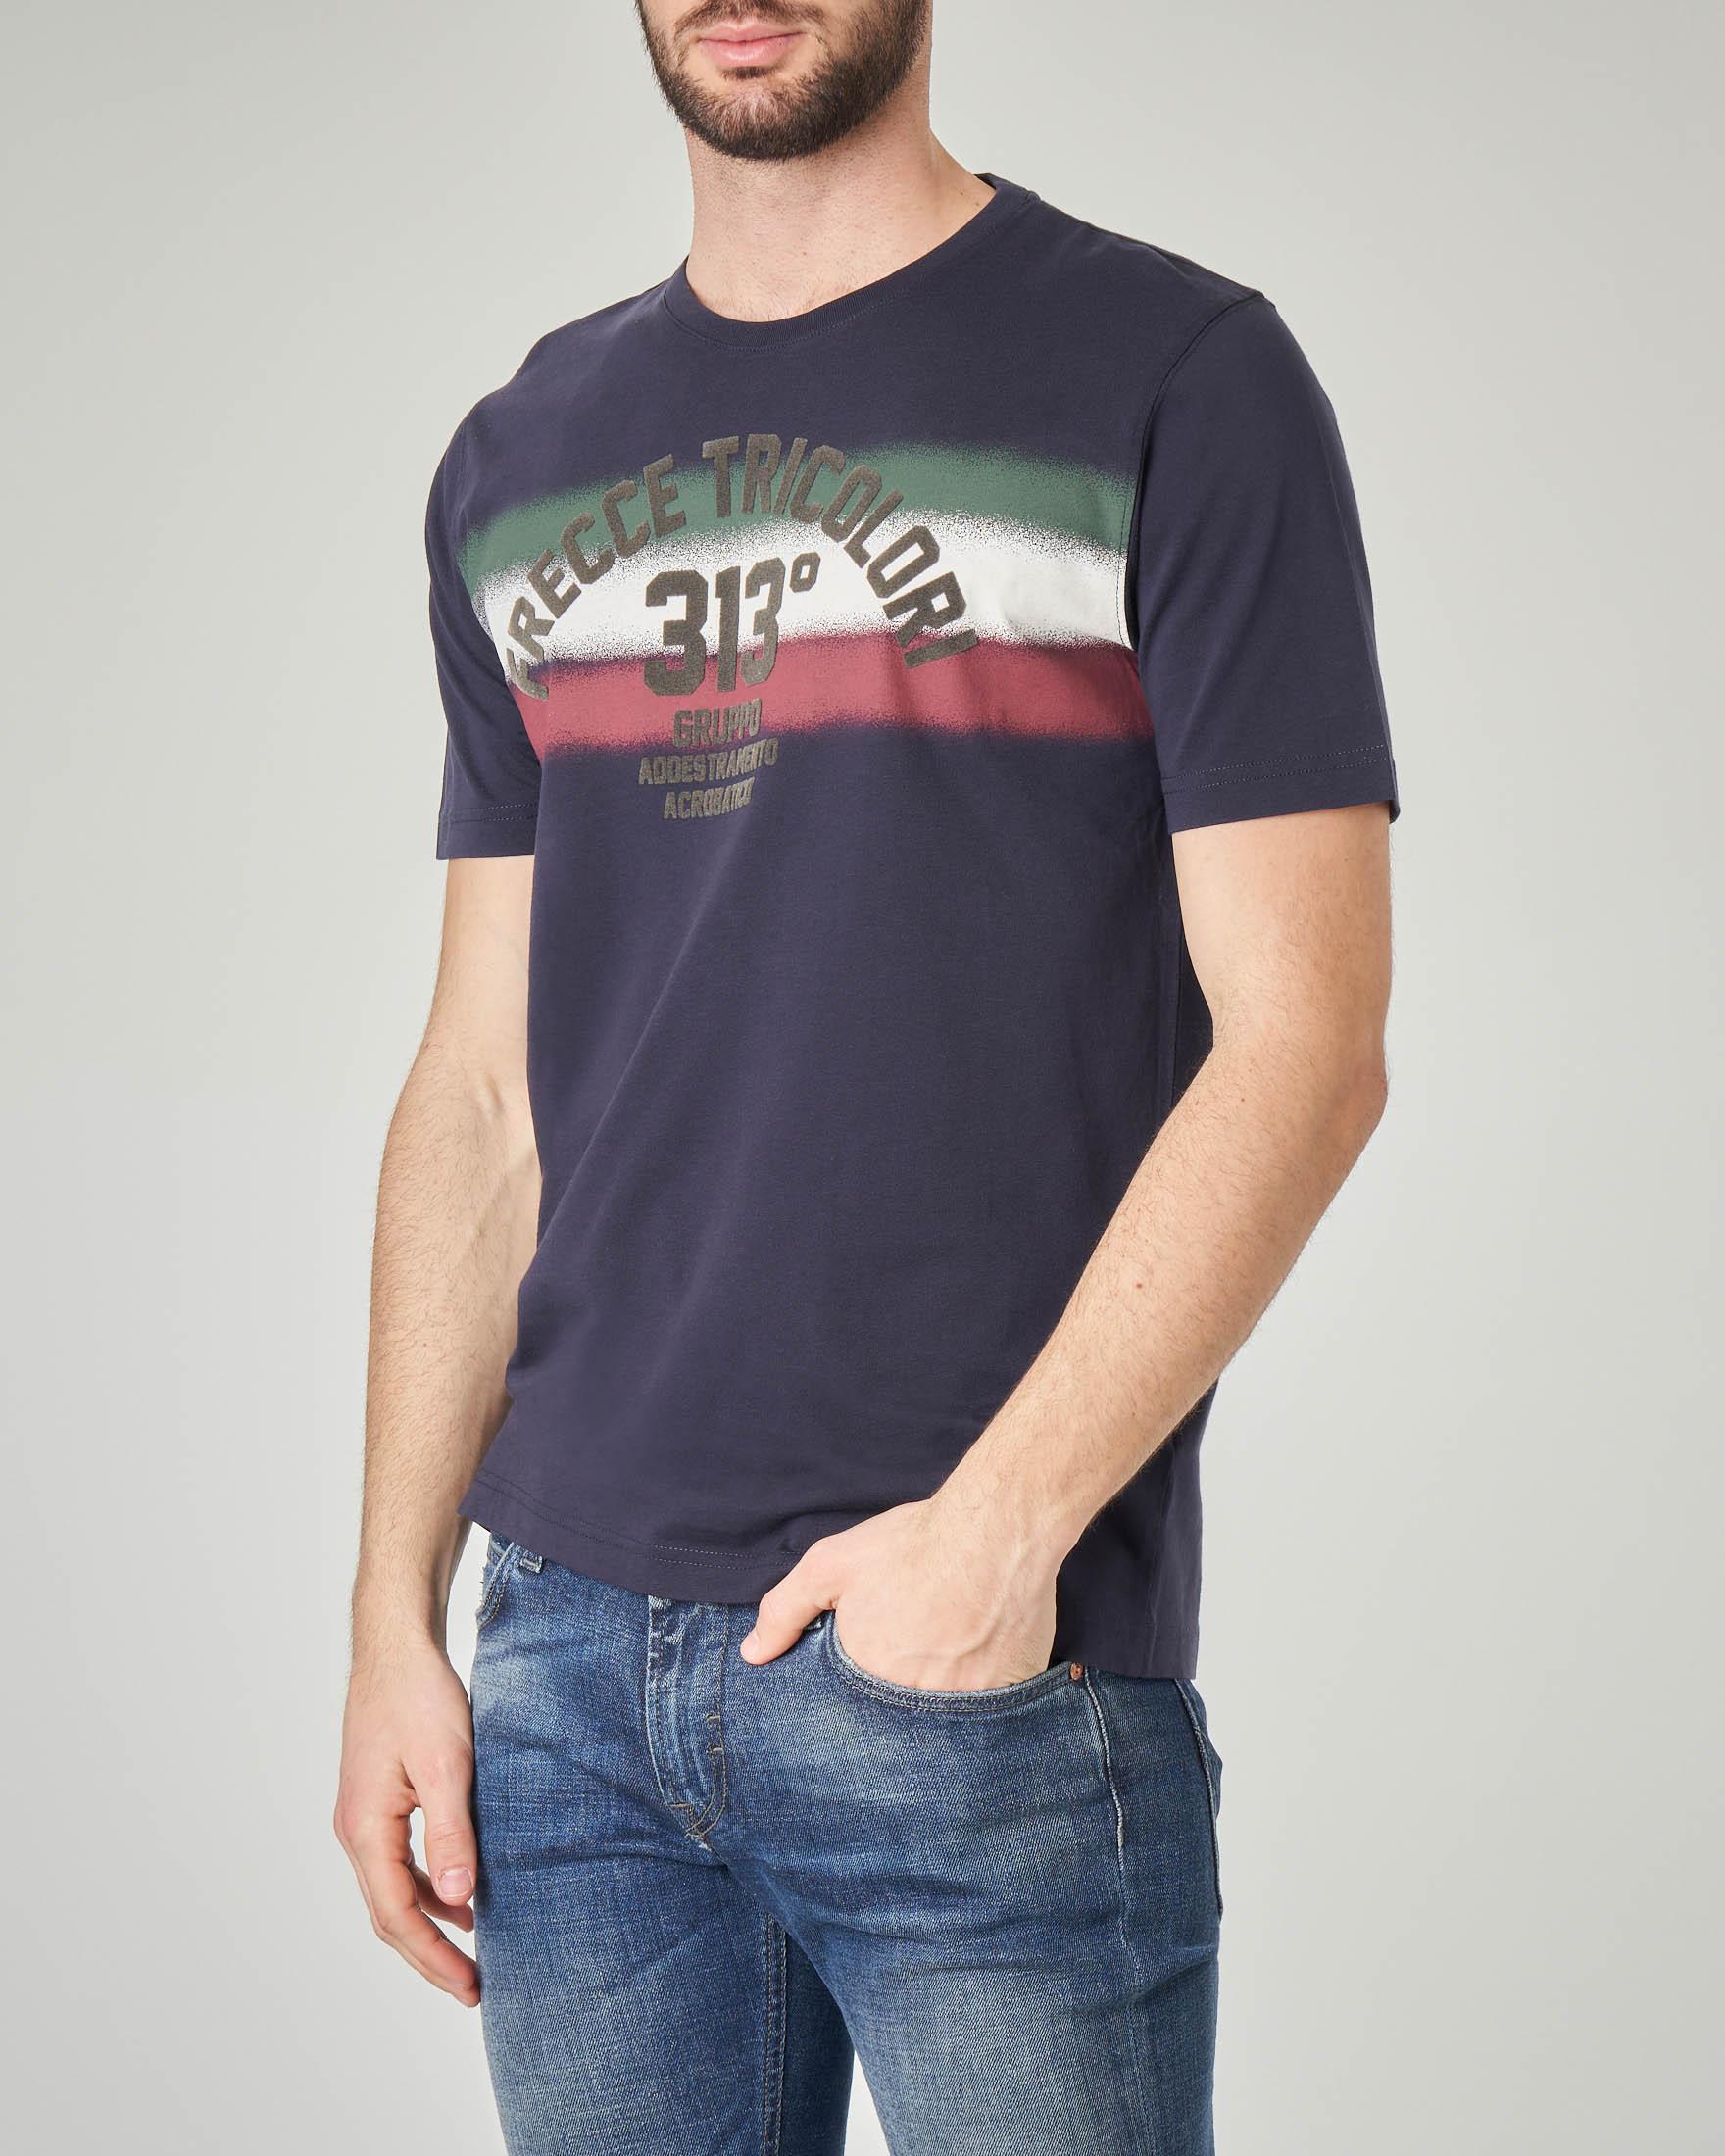 T-shirt blu con scritte e fascia tricolore